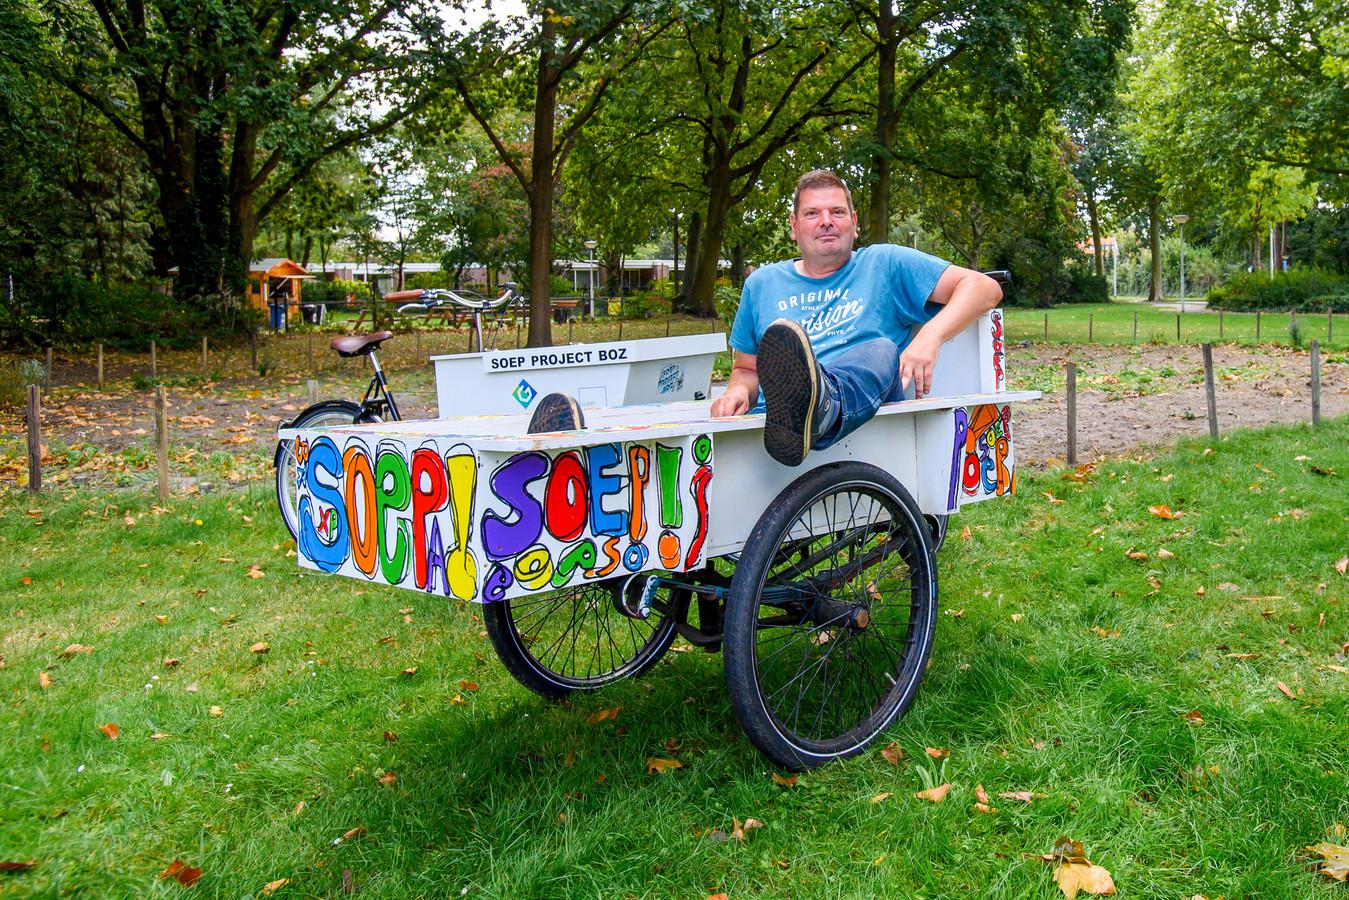 Wim Ligtenberg is de man achter het soepproject. Veel Bergenaren kennen hem en zijn kleurrijke bakfiets. Al heeft hij inmiddels een modernere variant waar hij zijn kilometers op maakt.